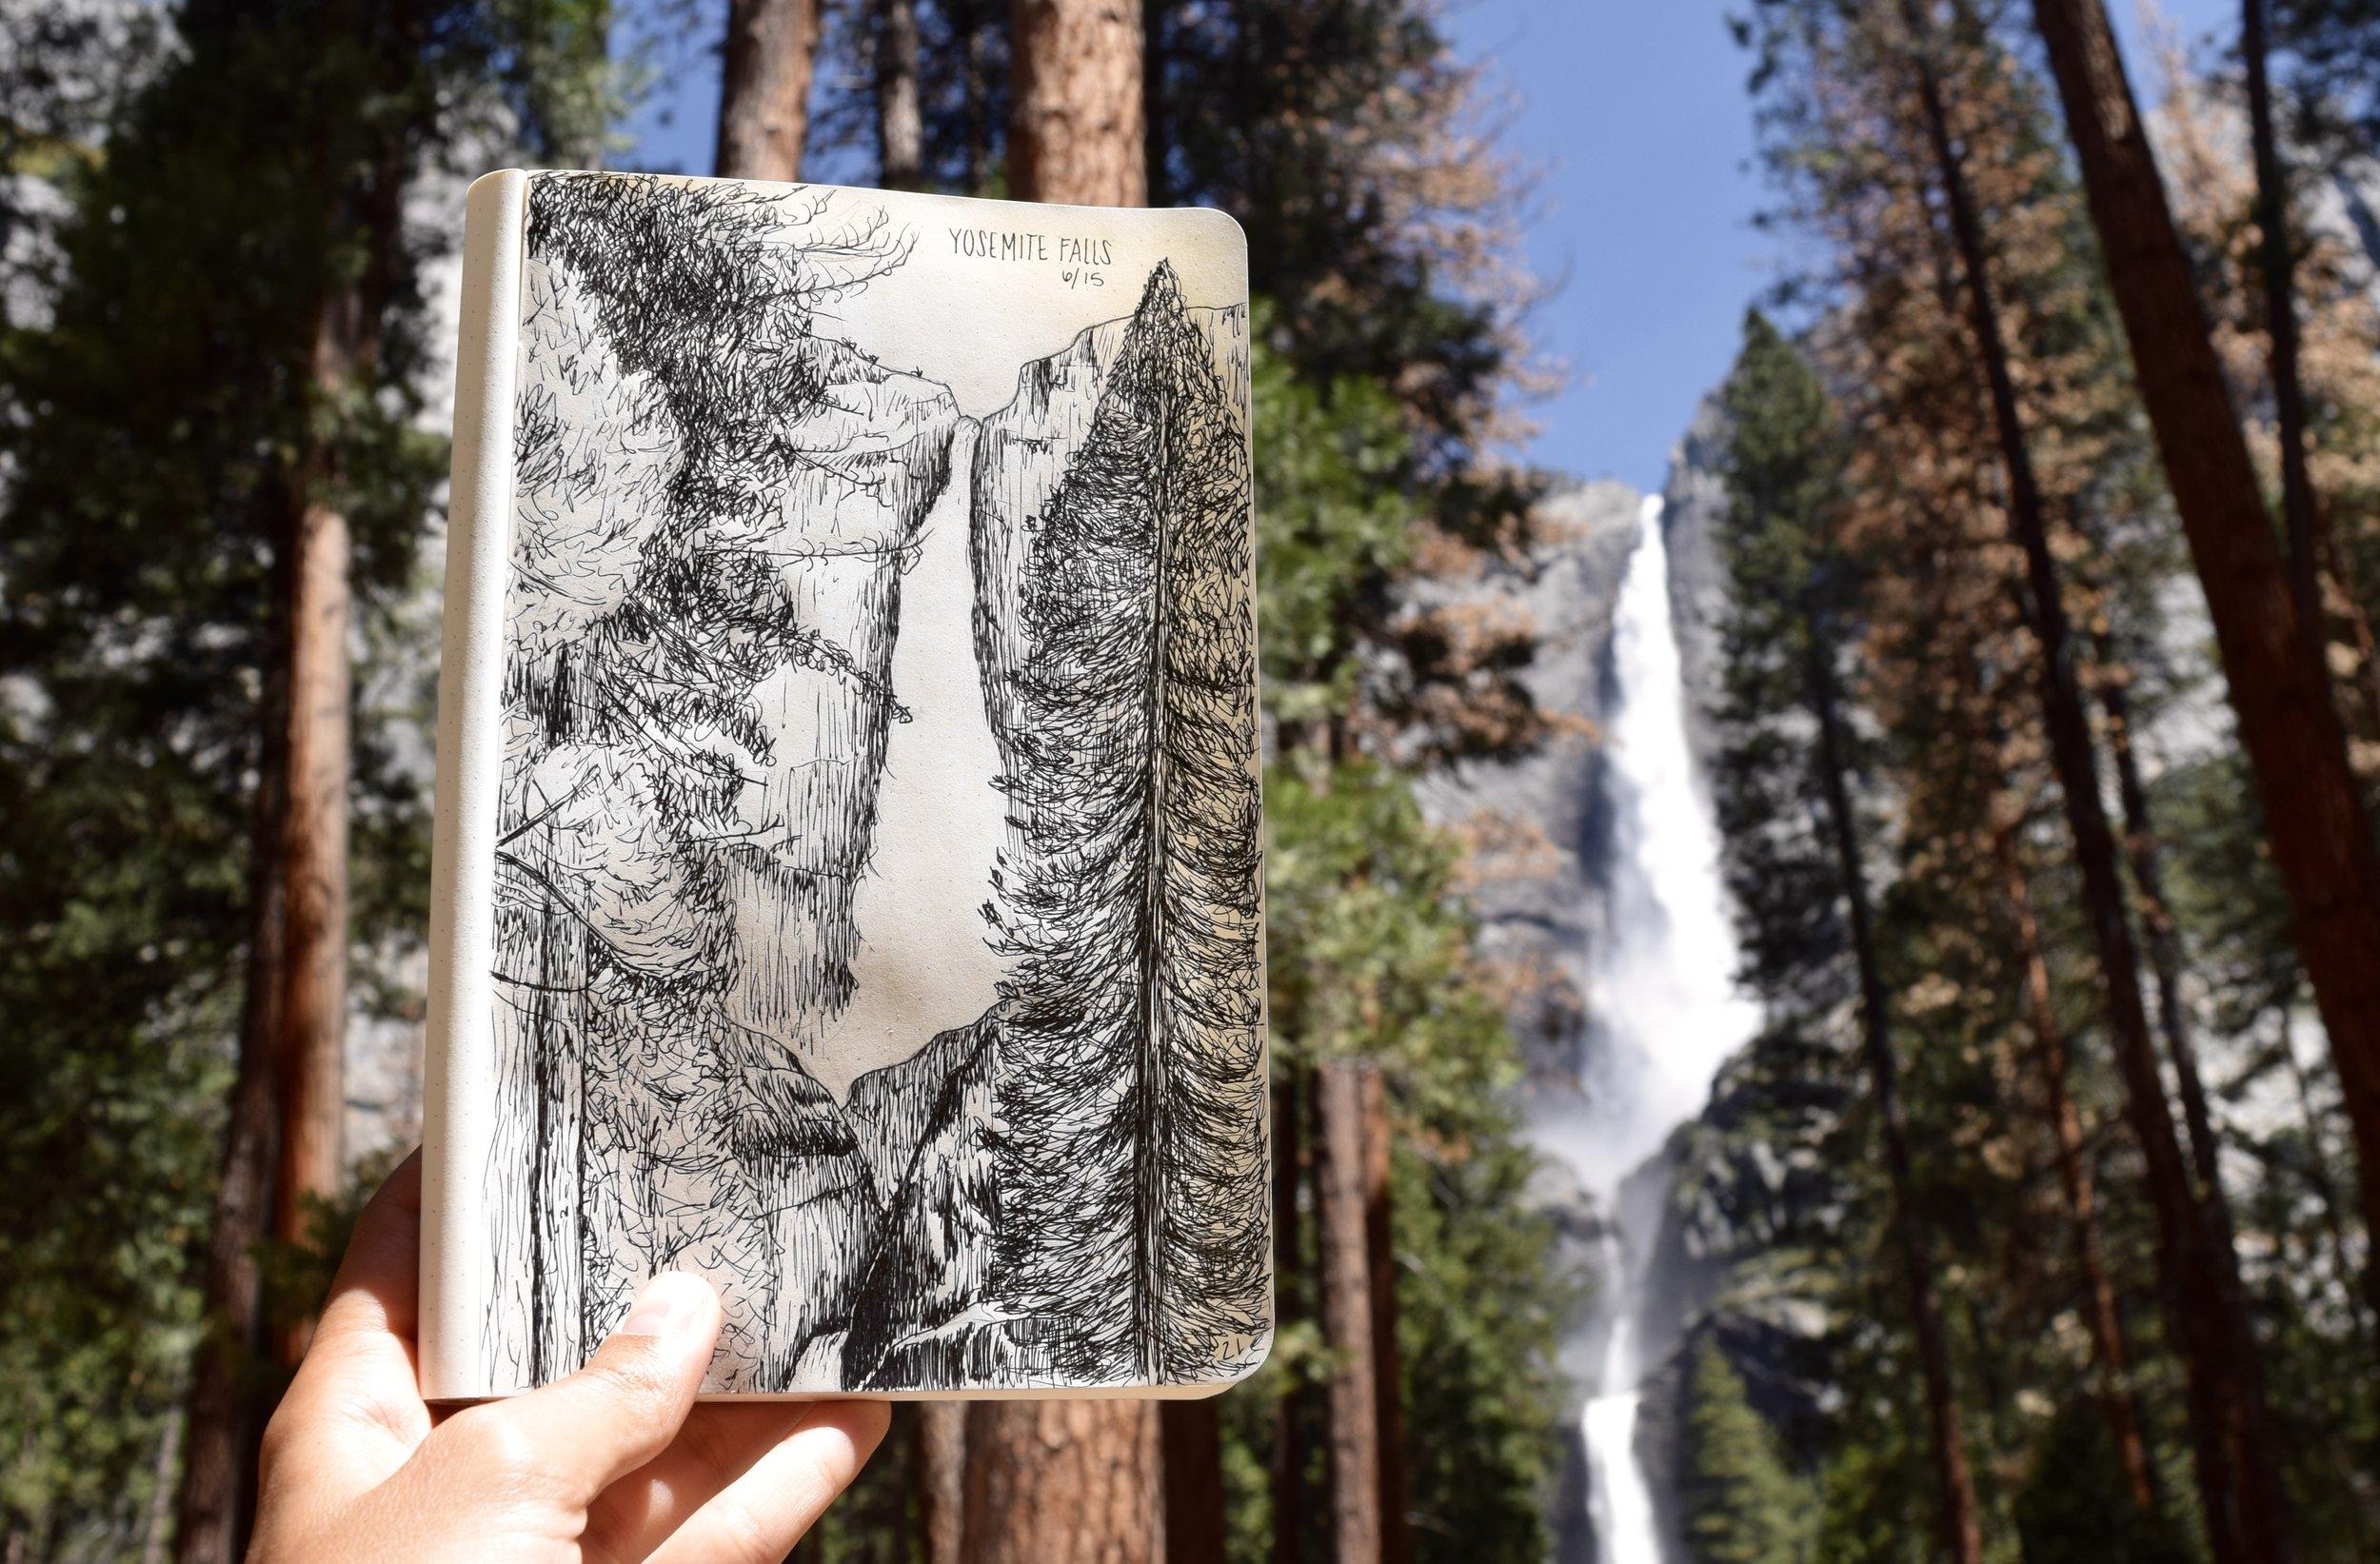 Yosemite Falls - Yosemite NP